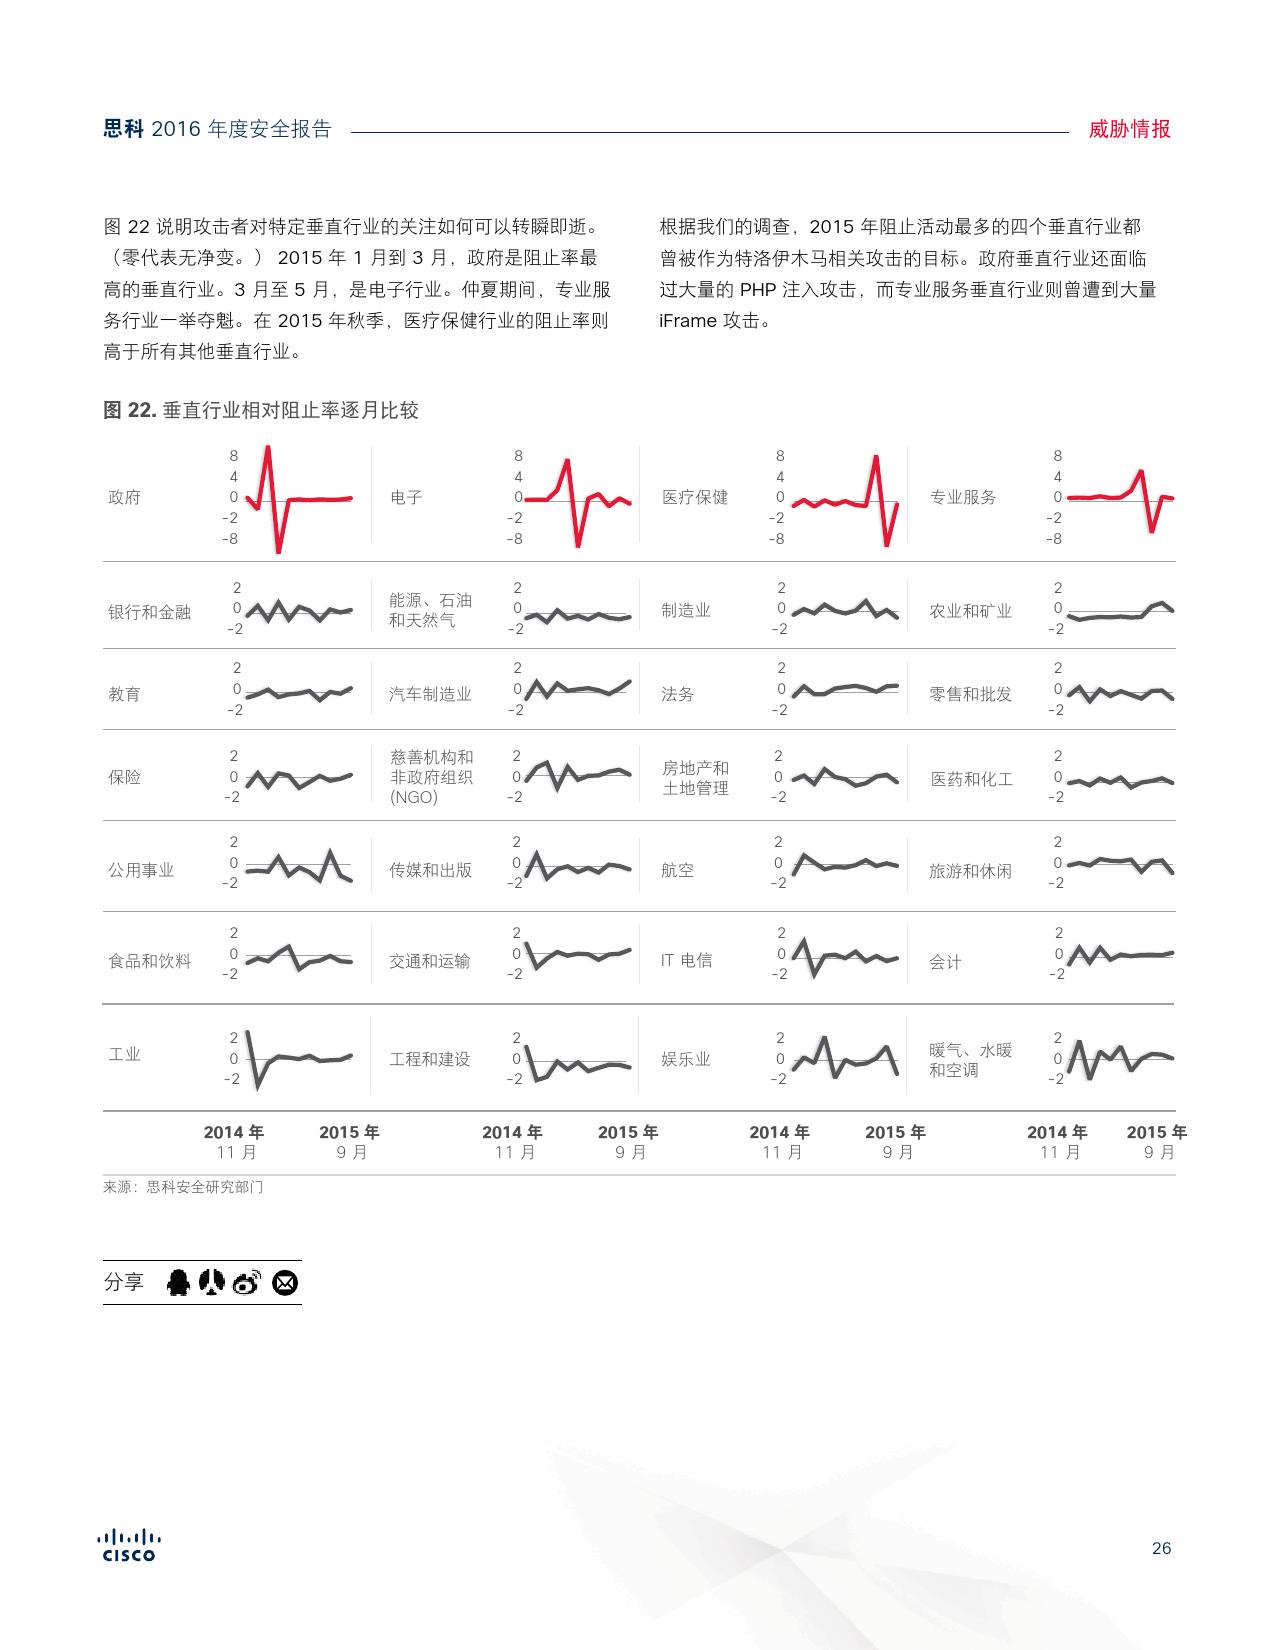 2016年中网络安全报告_000026